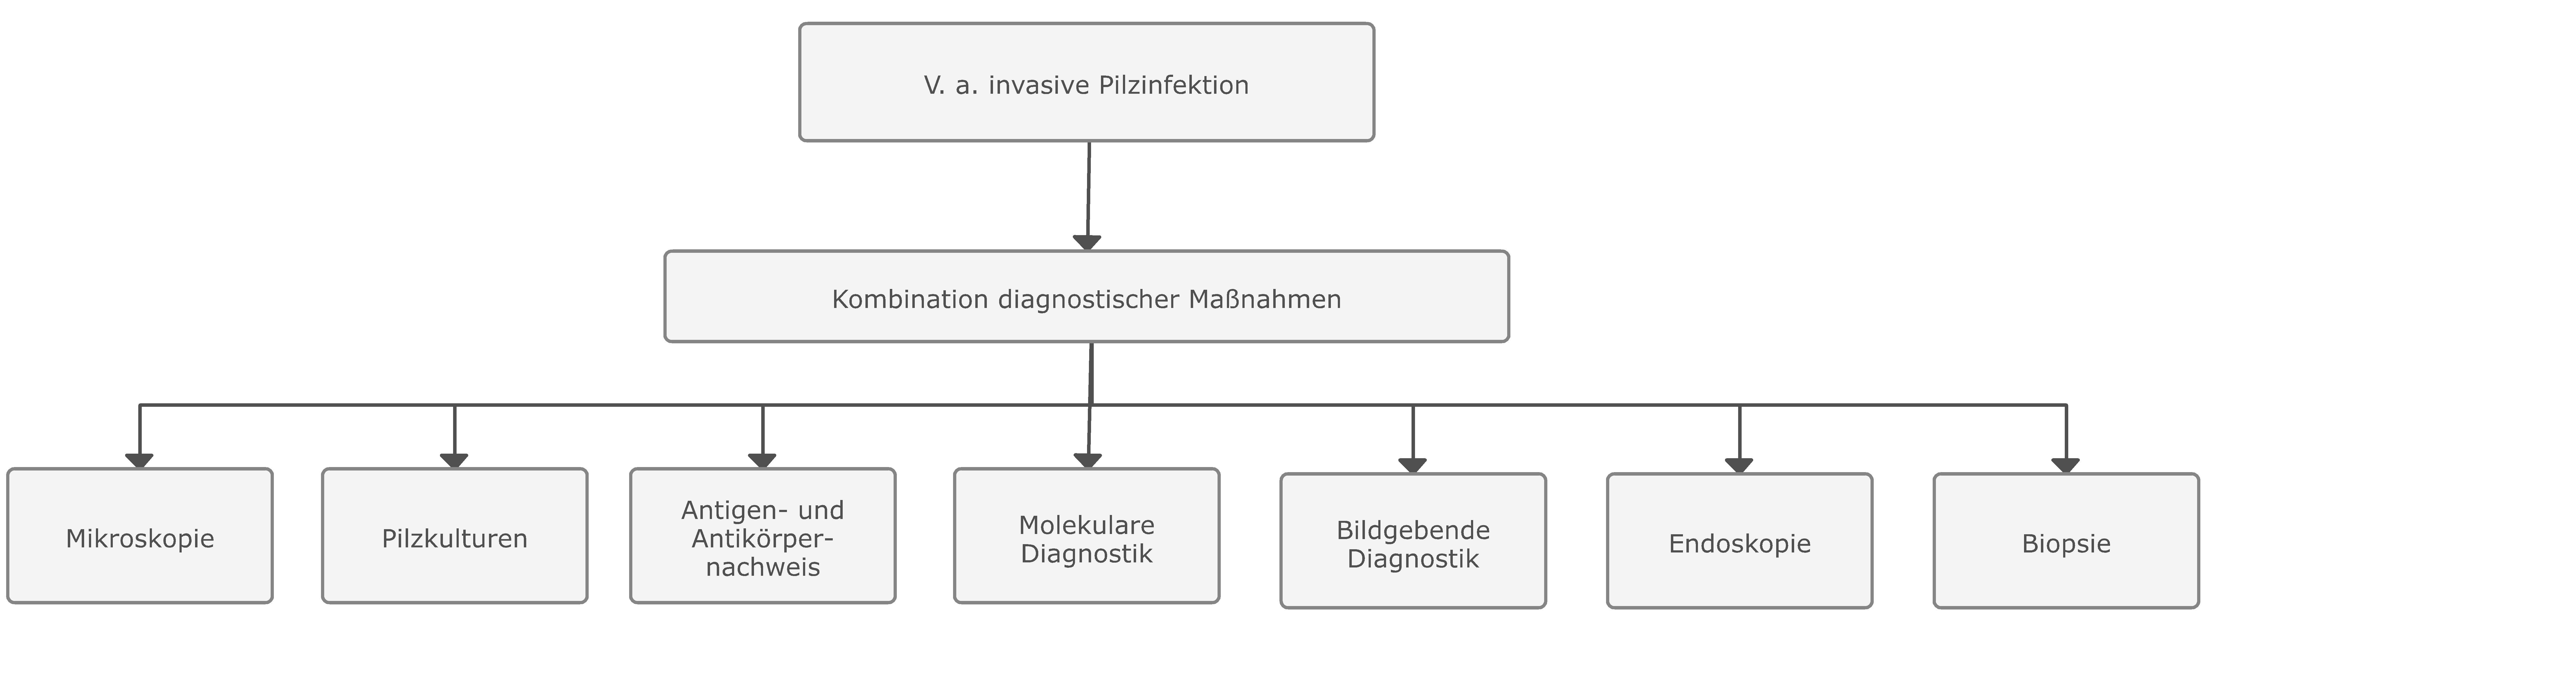 Wichtige allgemeine diagnostische Maßnahmen zum Nachweis  invasiver Pilzinfektionen bei Patienten mit hohem Erkrankungsrisiko